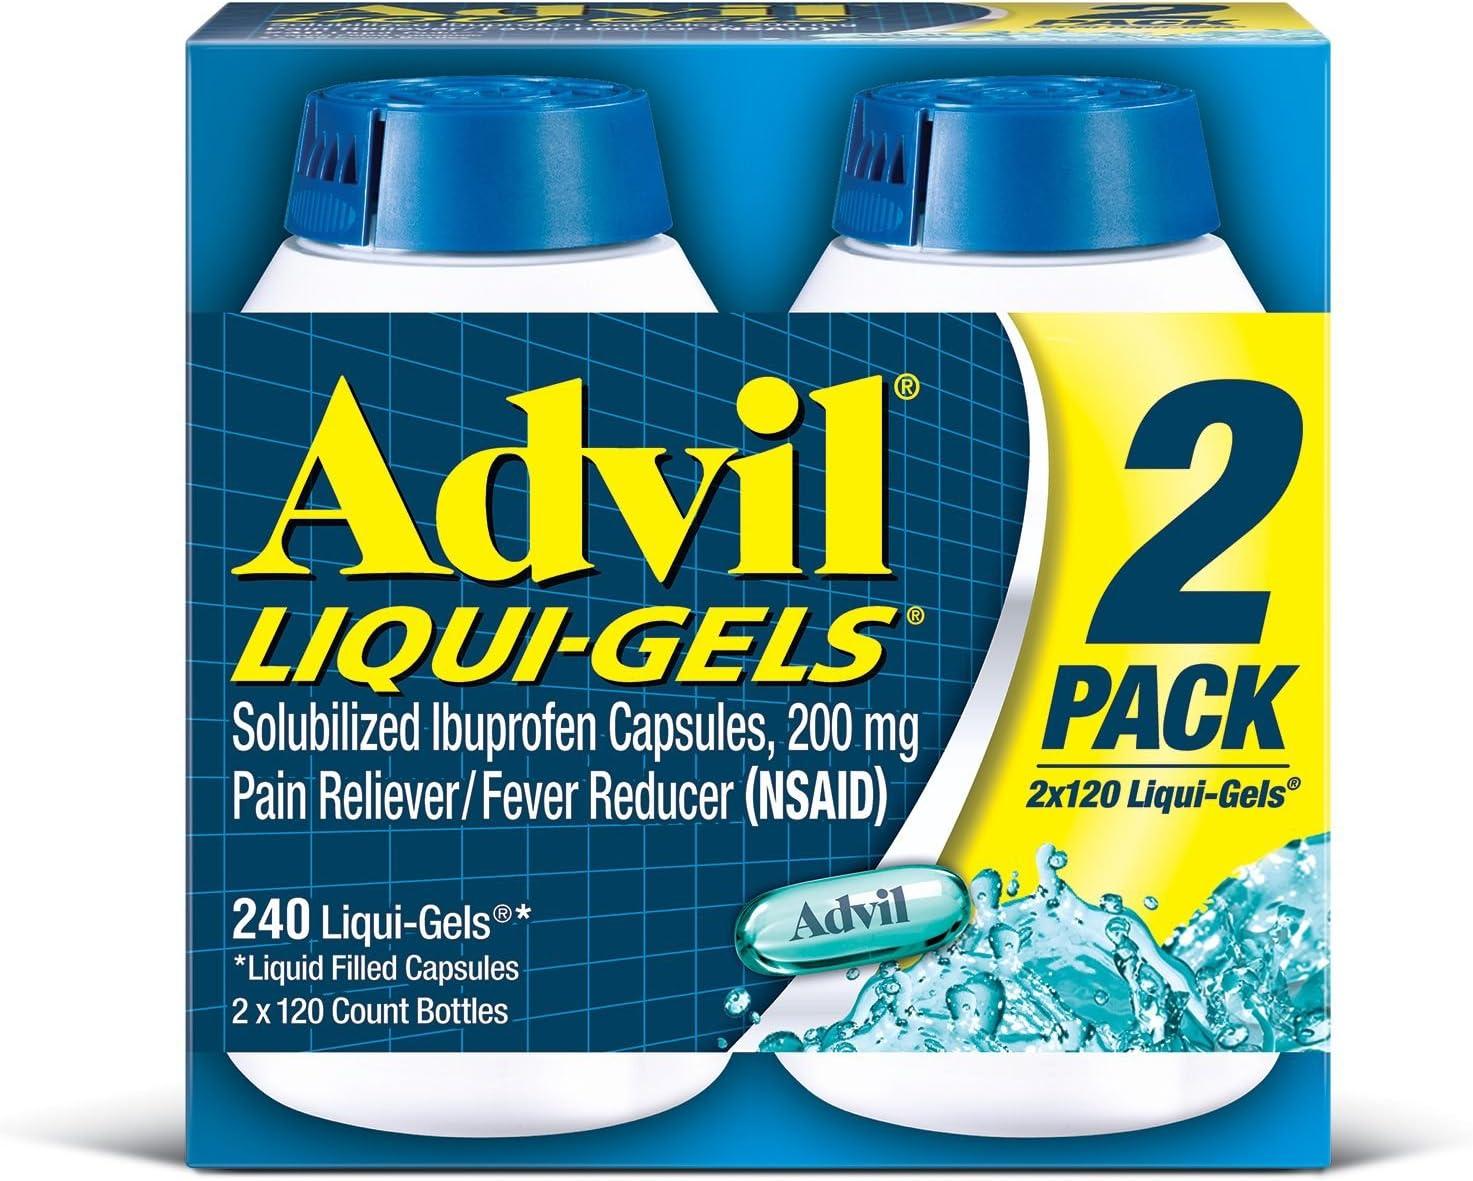 Advil Liquid Outlet sale feature Gels - Fashionable Value Size 120 Count Each 2 Pack